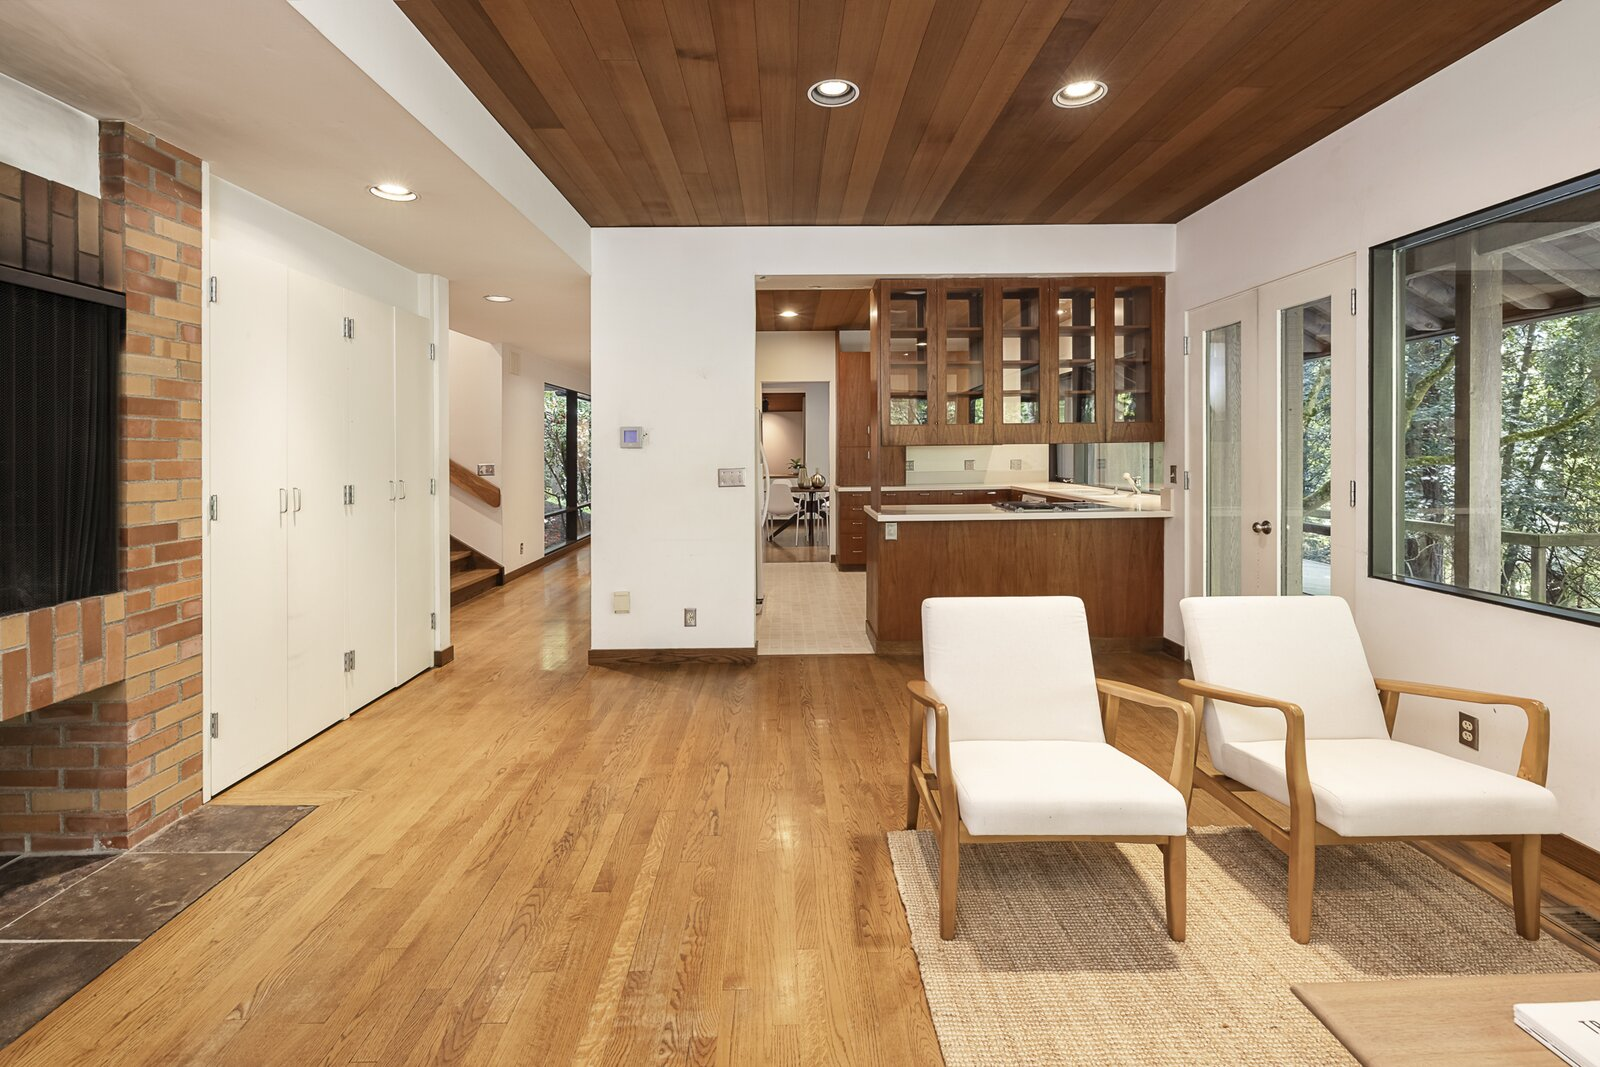 Kitchen of the Mason Residence by Saul Zaik